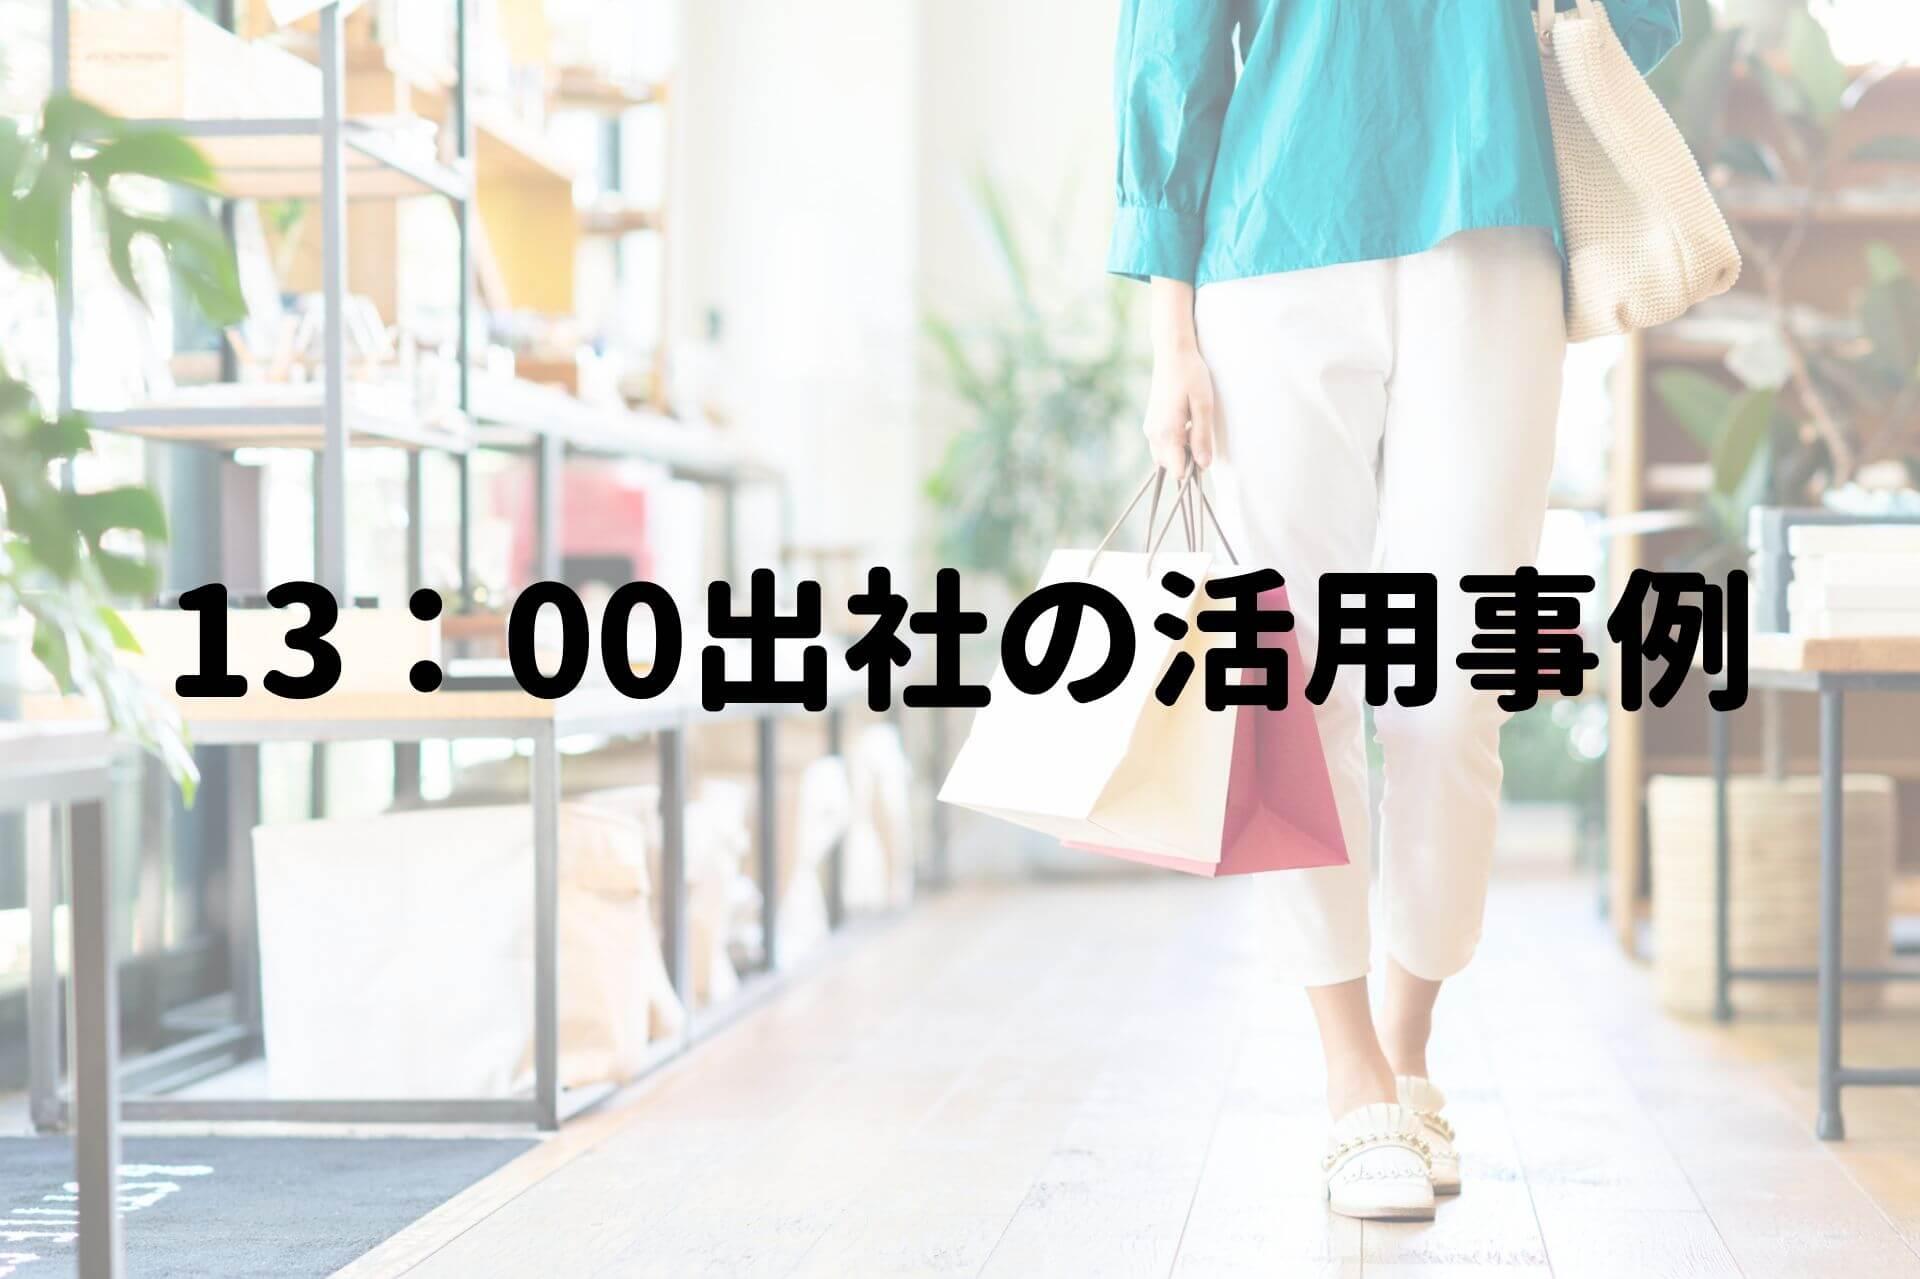 いくつかのショップ袋を片手に店内を歩く女性